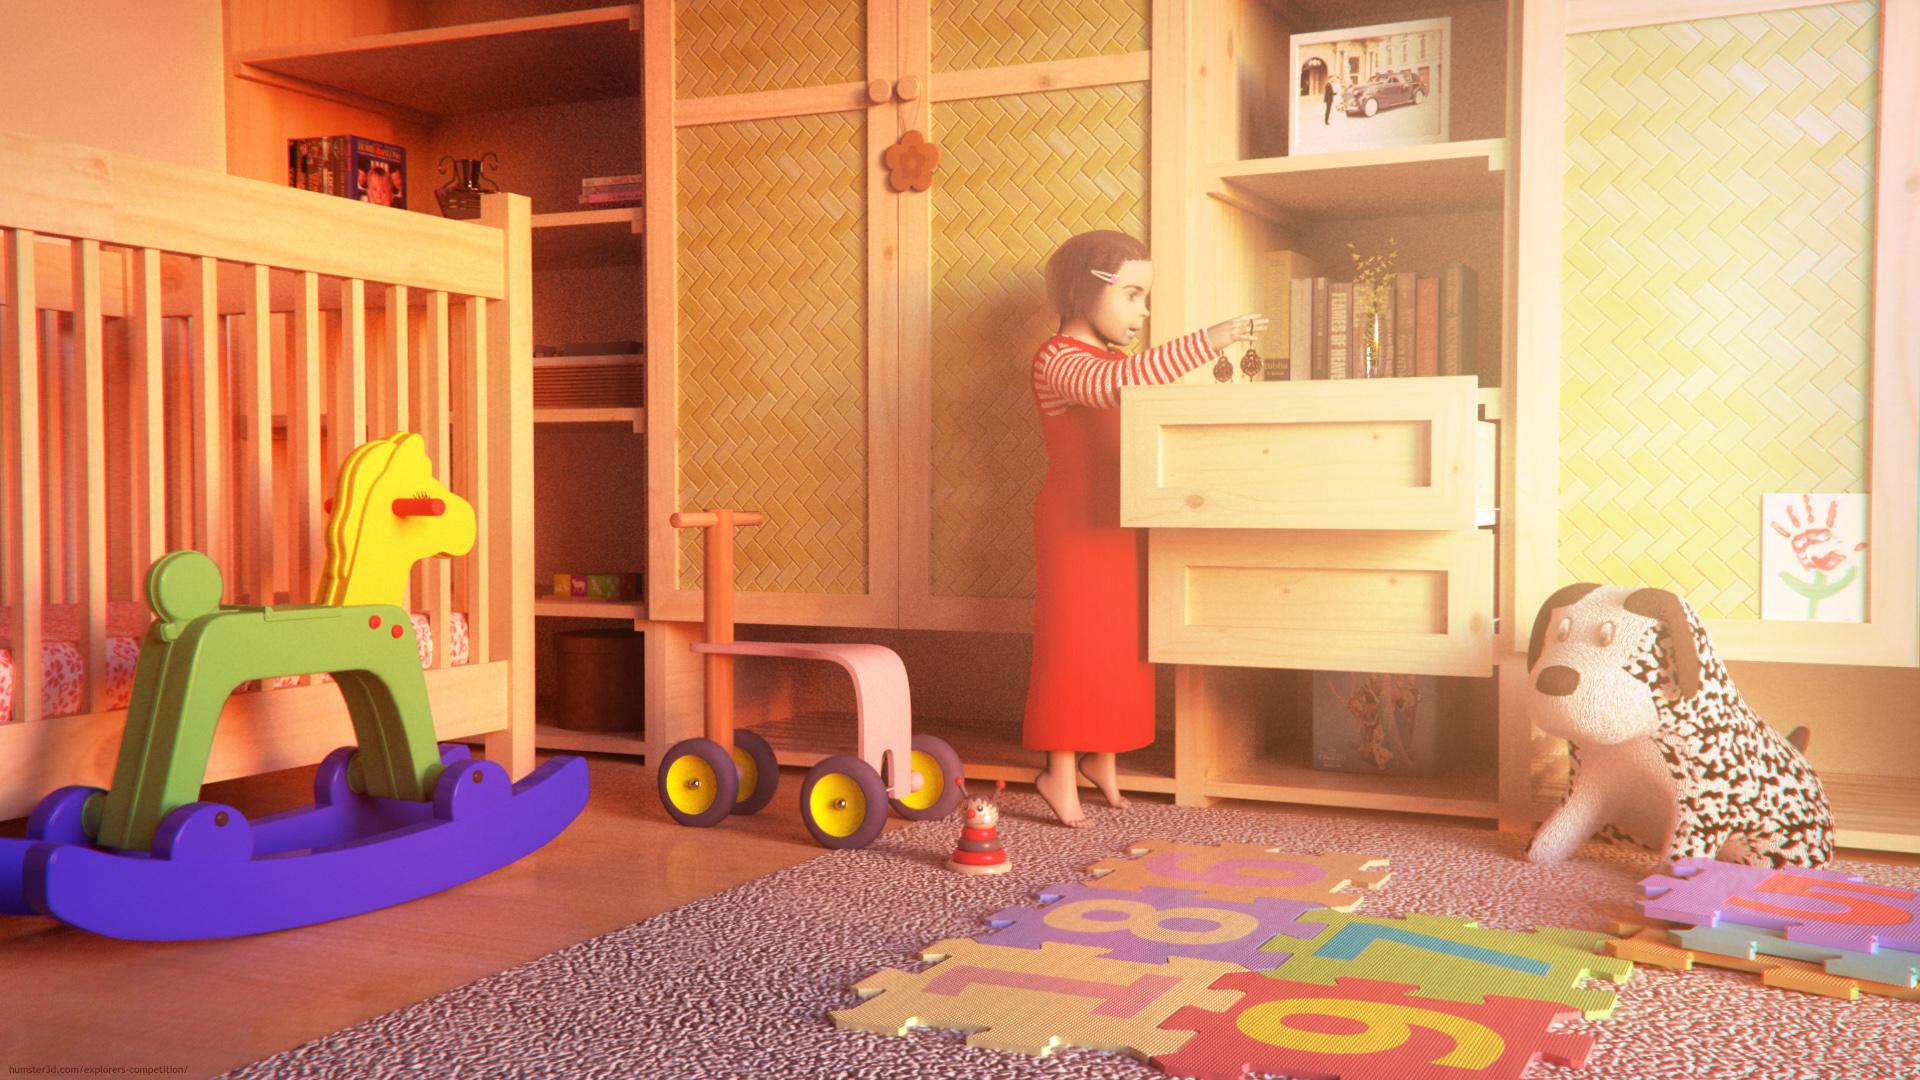 Secrets of drawers 3d art